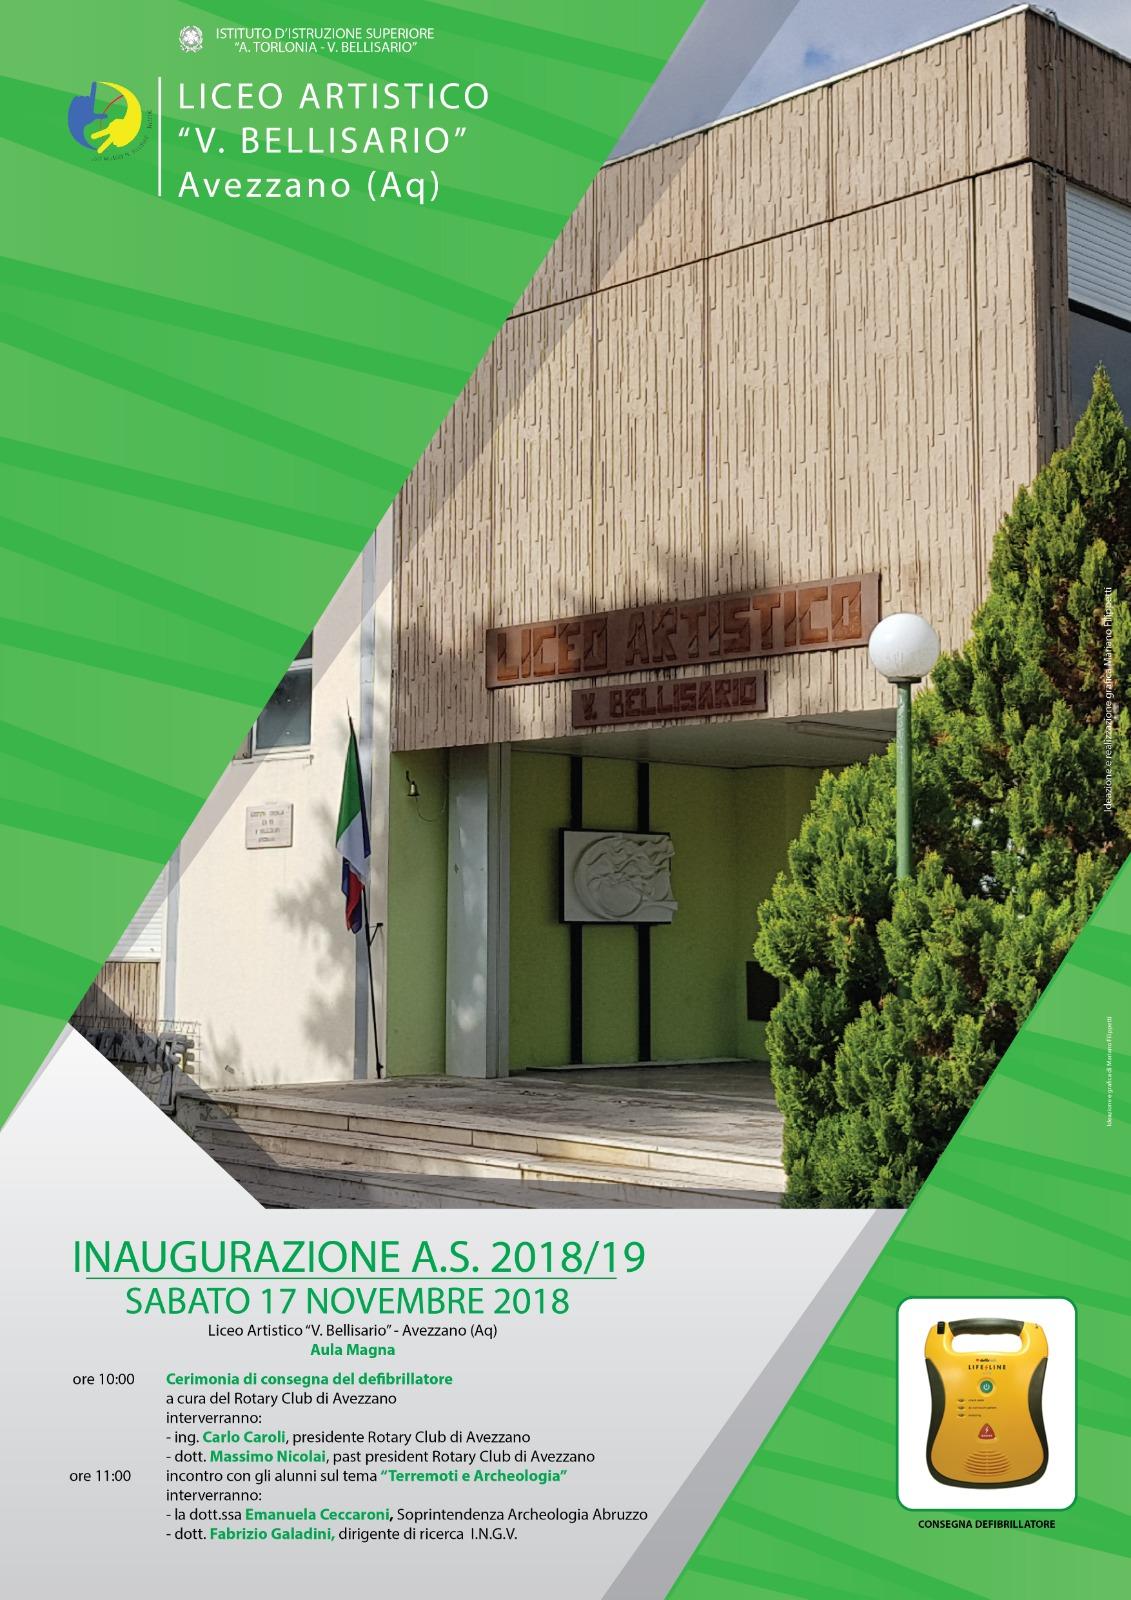 Avezzano, evento di inaugurazione a.s. 20018/19 al Liceo Artistico Bellisario